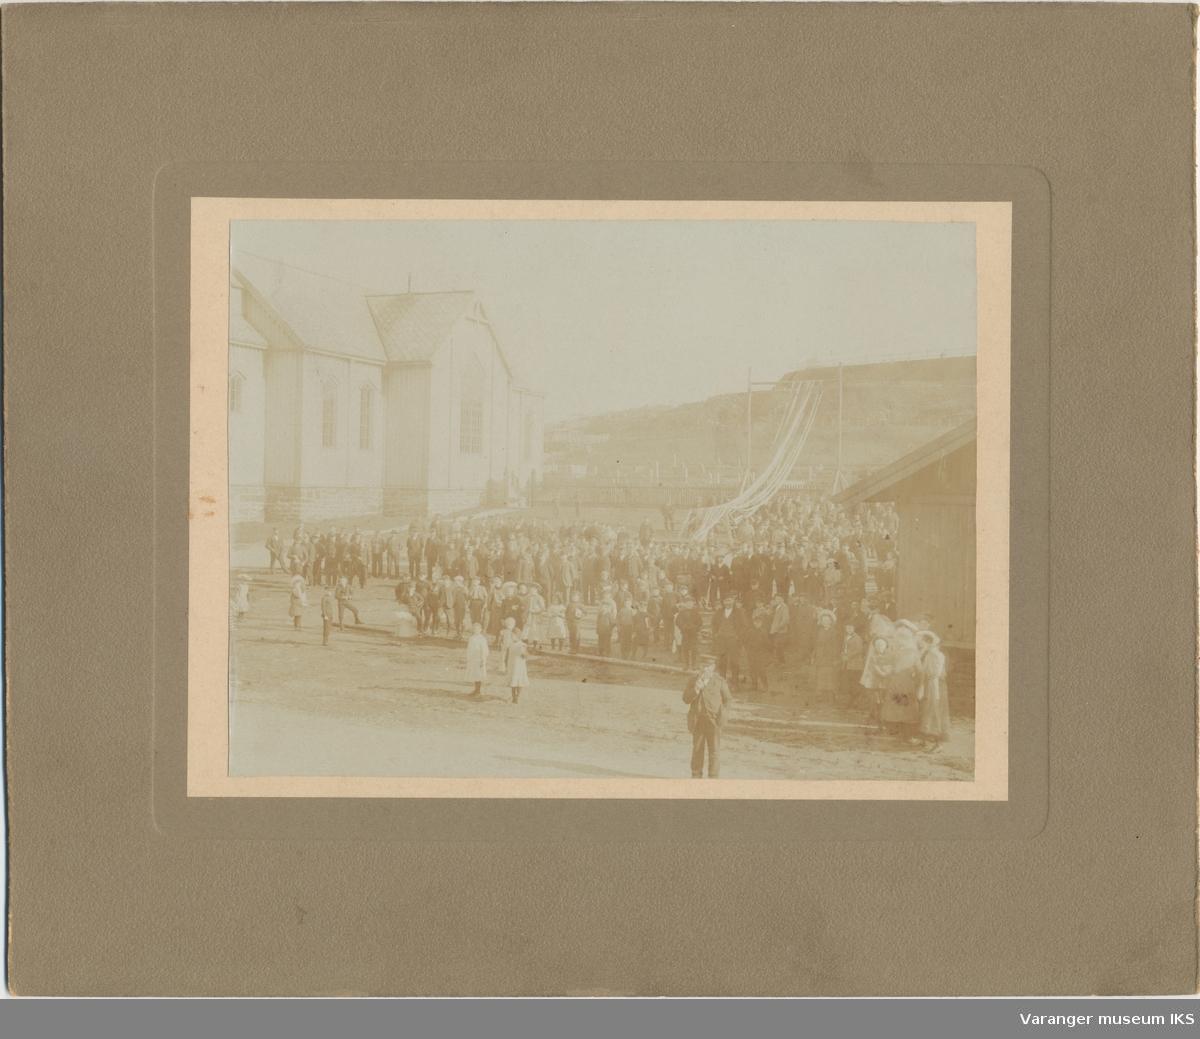 Folkemengde ved kirken, Klondyke i bakgrunnen